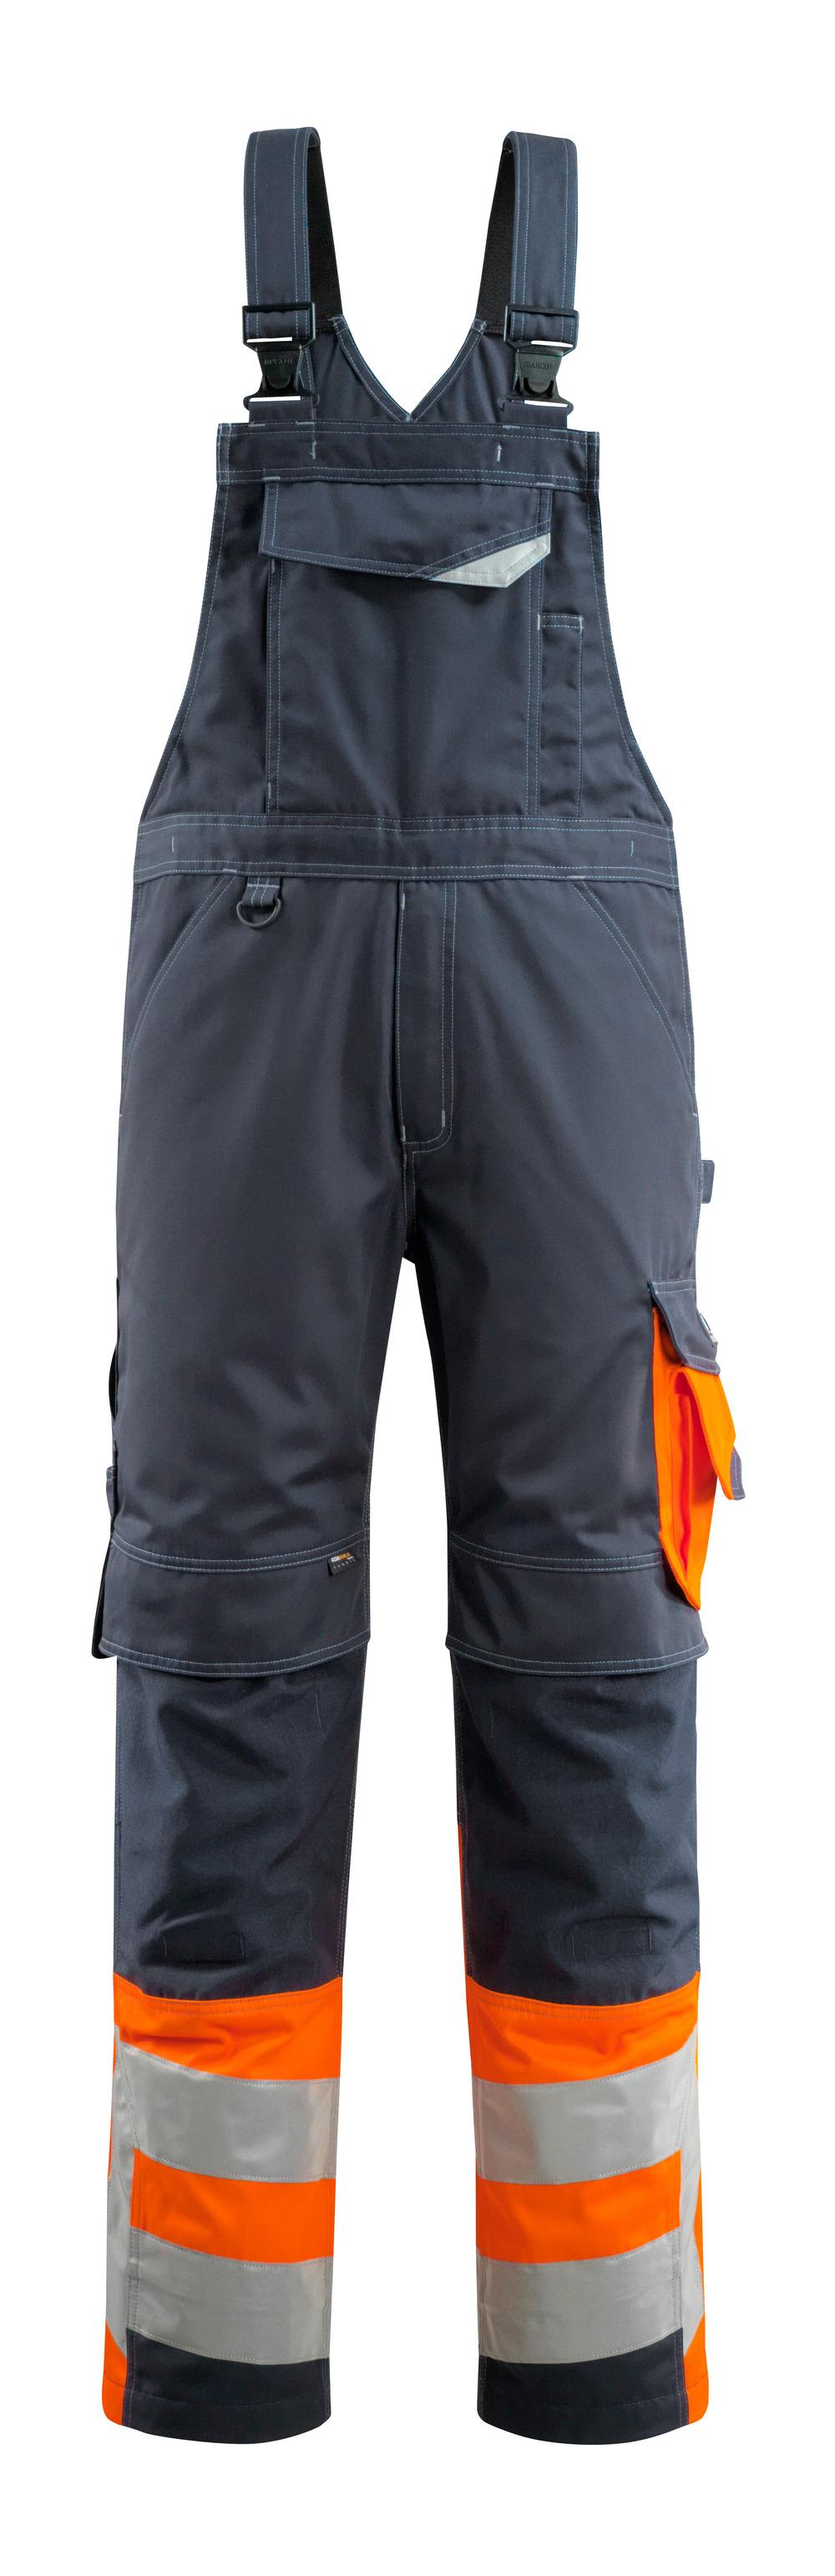 15669-860-01014 Amerikaanse overall met kniezakken - donkermarine/hi-vis oranje